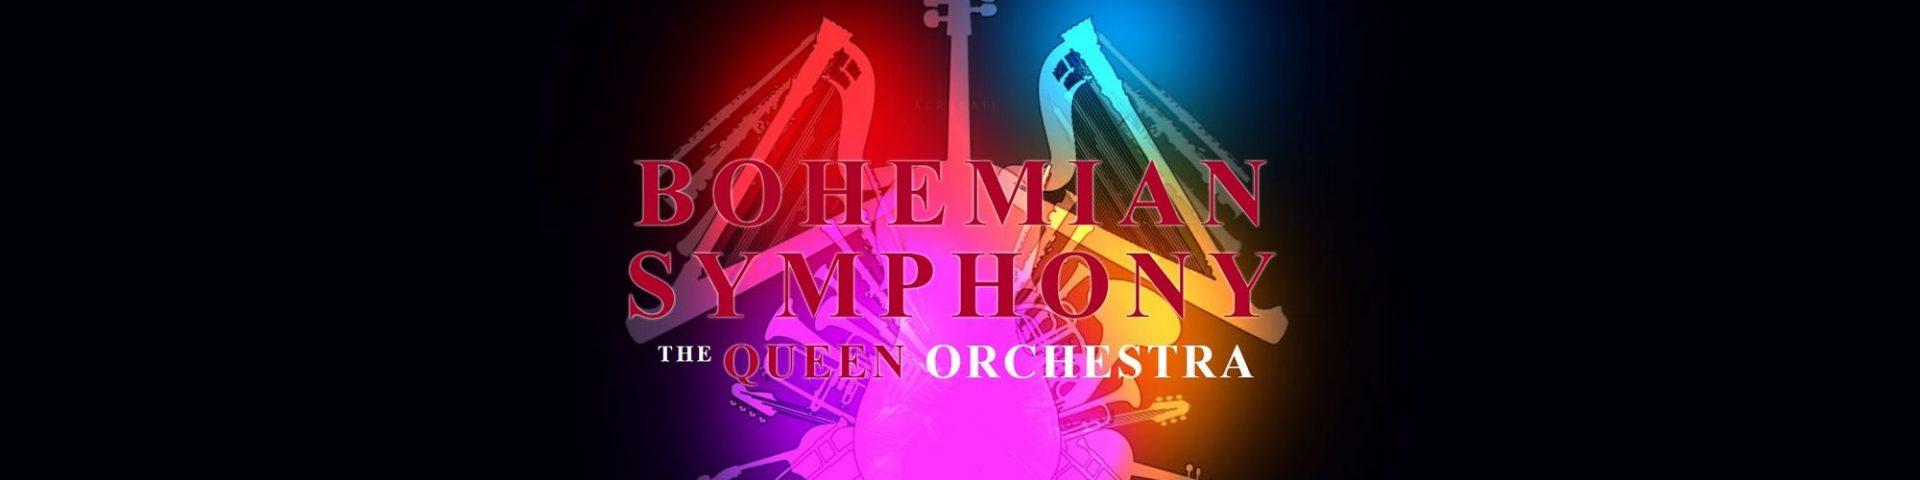 Concerto Bohemian Symphony – The Queen Orchestra a Terracina – 28 agosto 2019